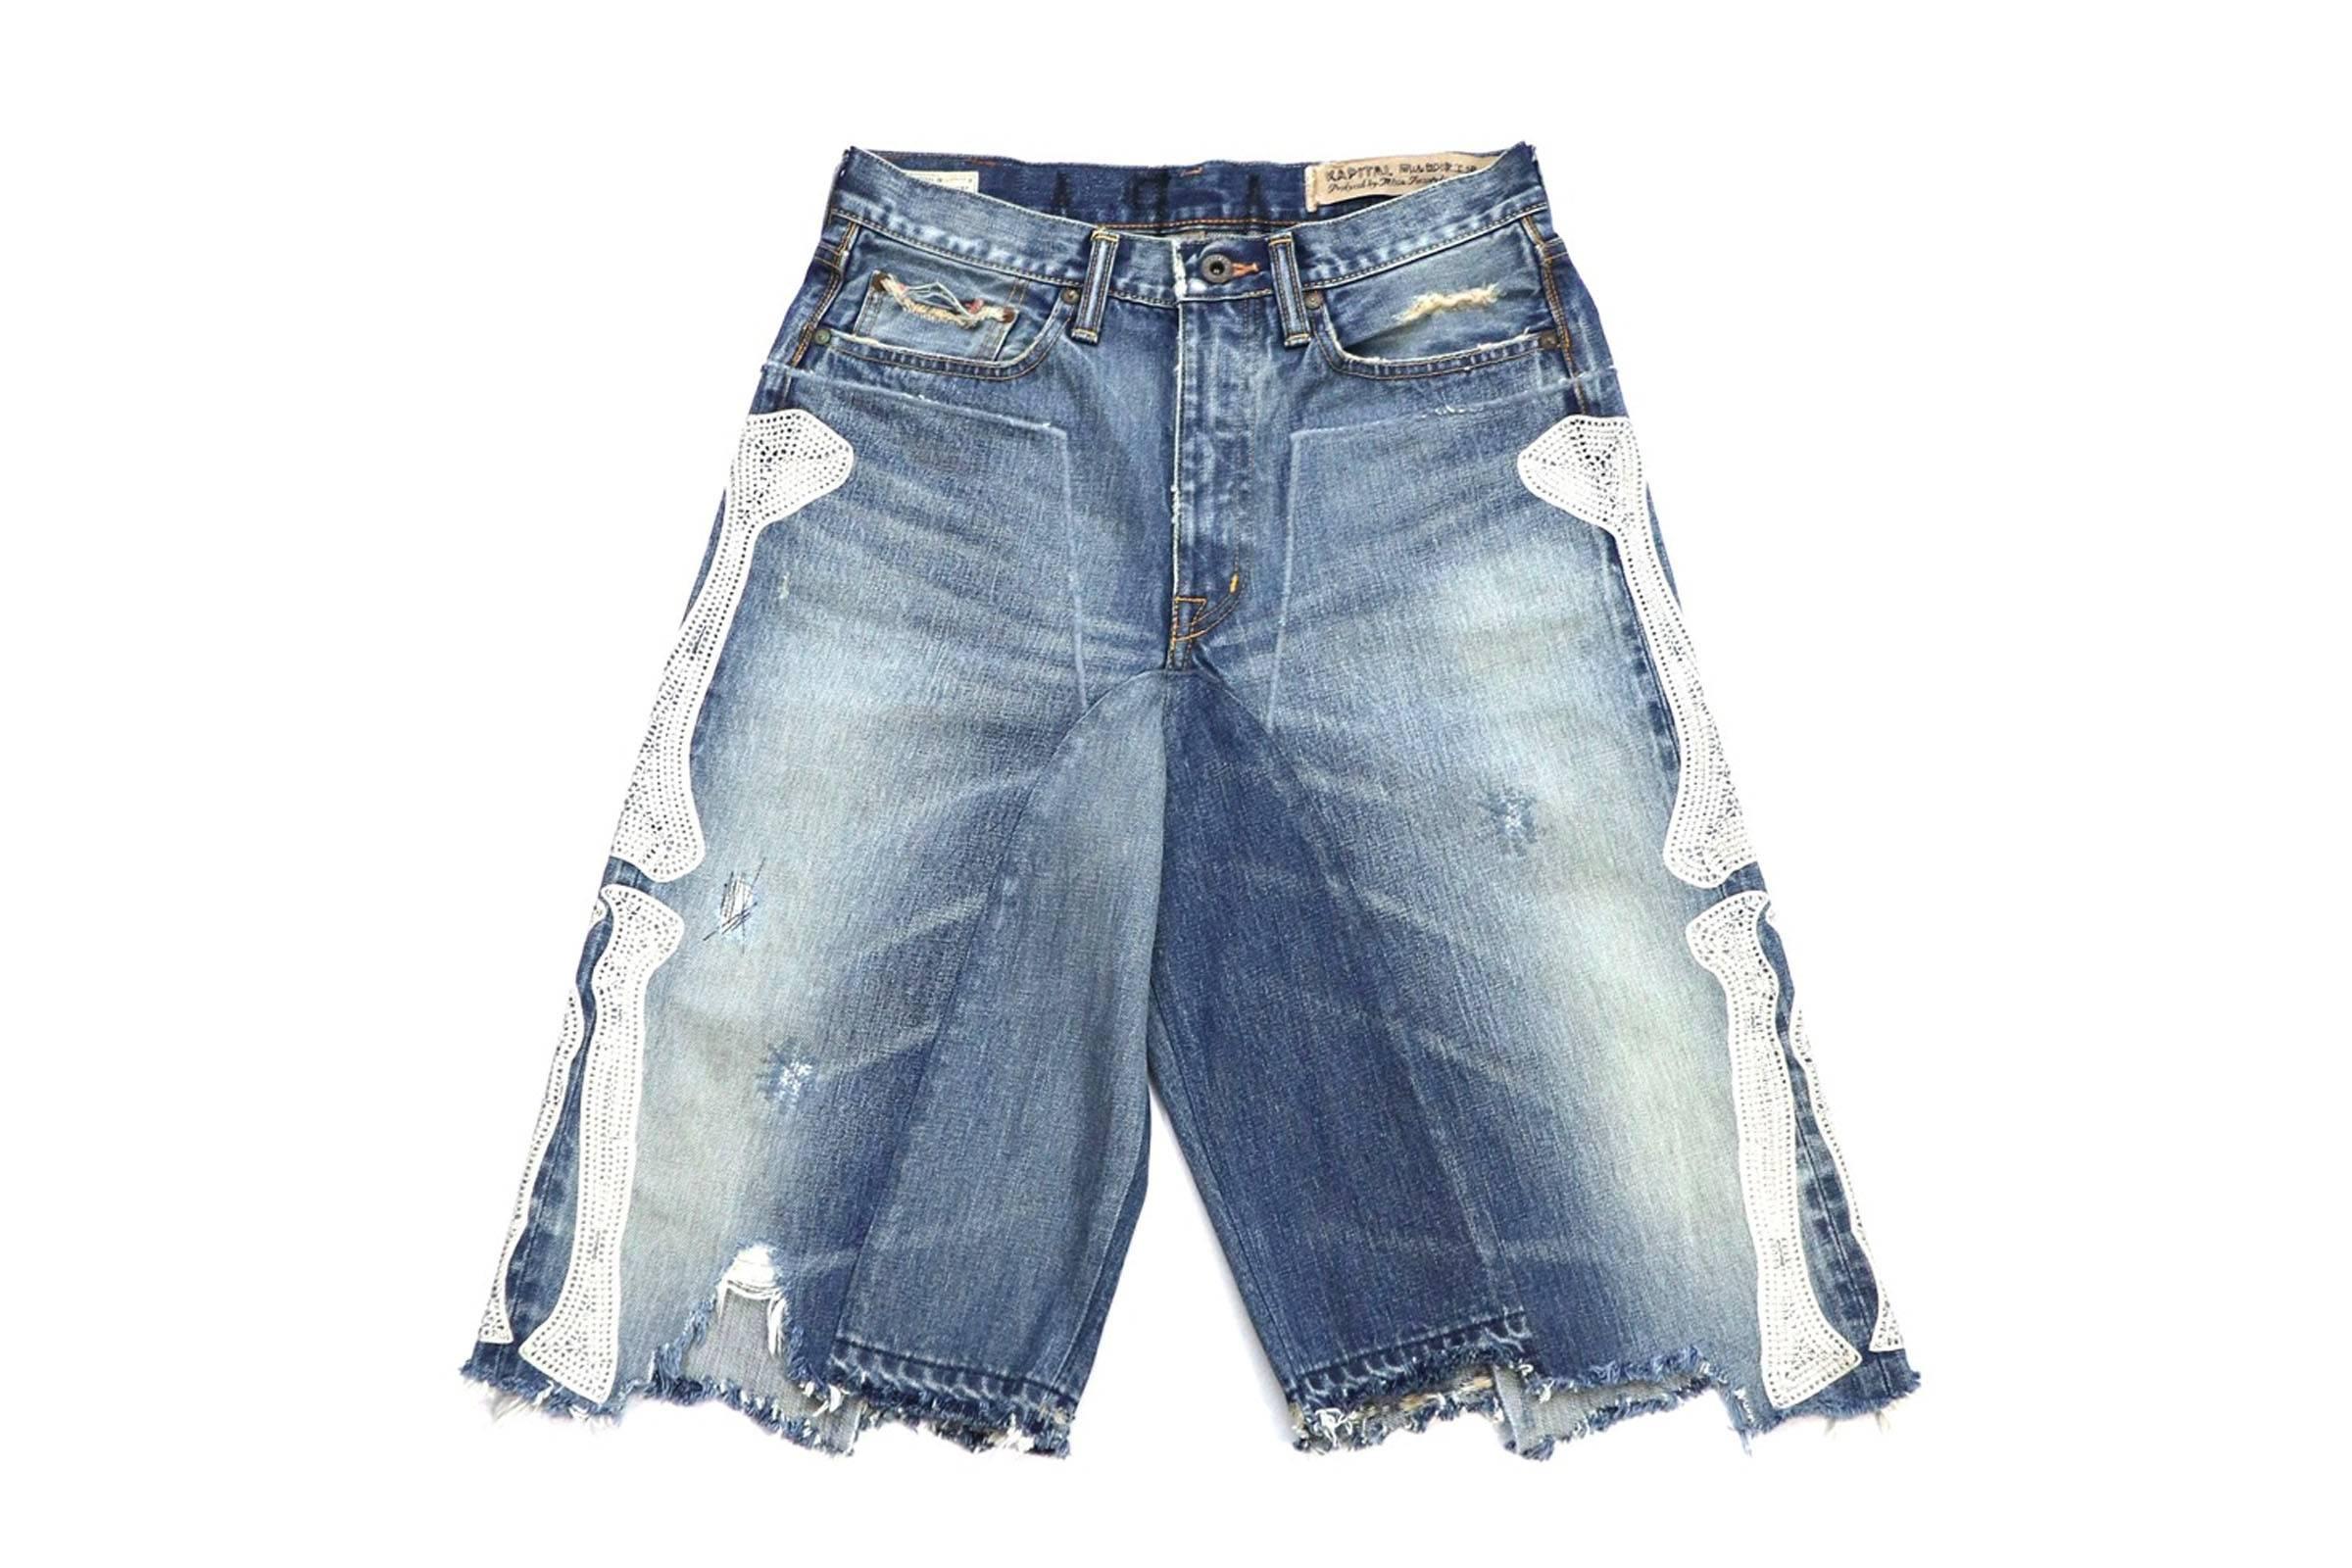 Kapital Bones Applique Denim Shorts